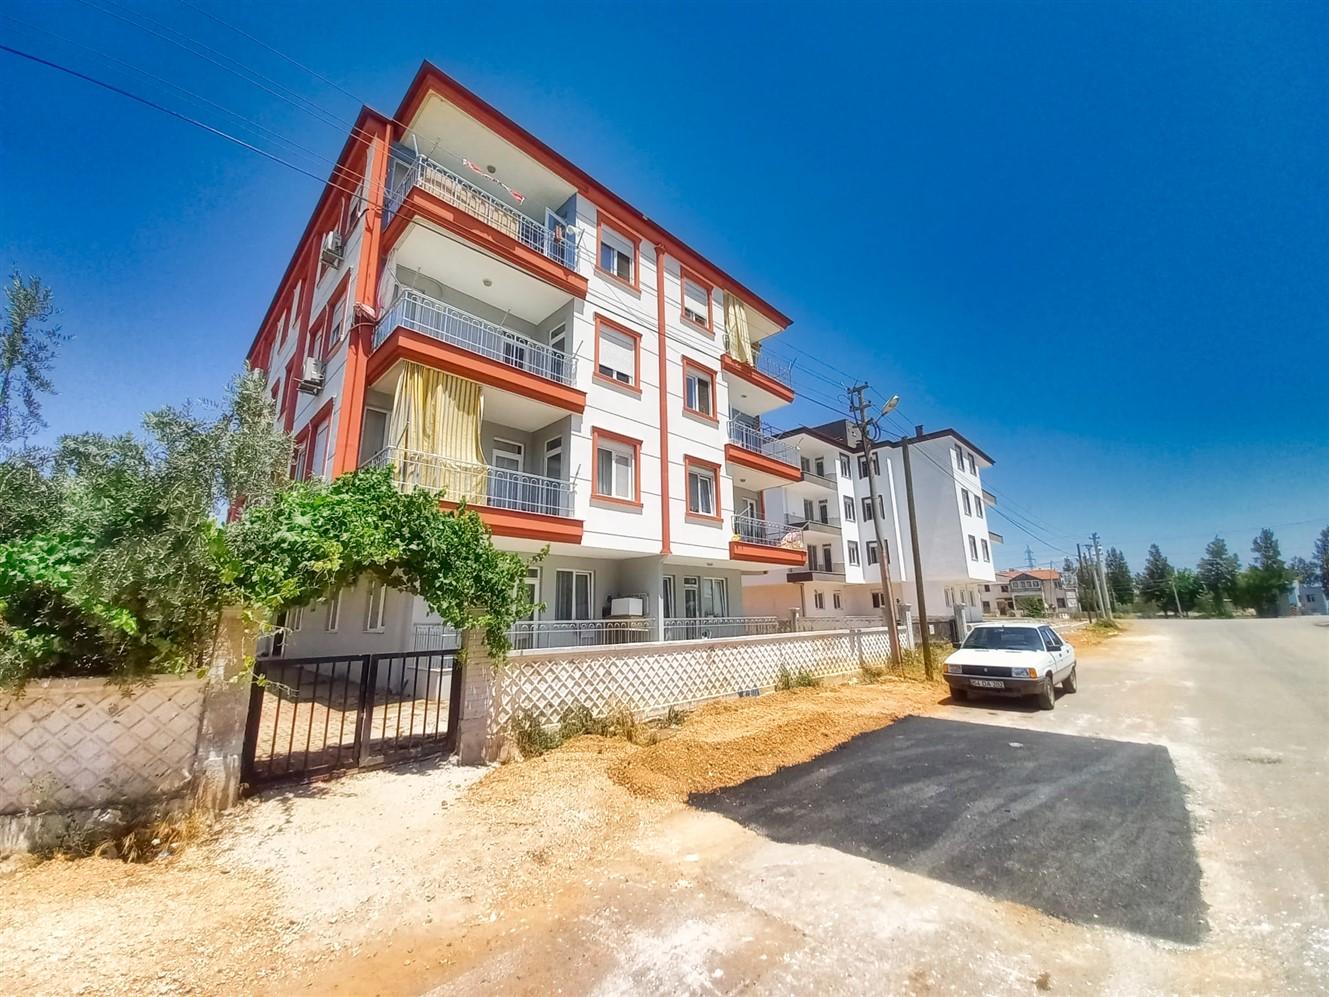 Трёхкомнатная квартира в районе Кепез по очень выгодной цене - Фото 1